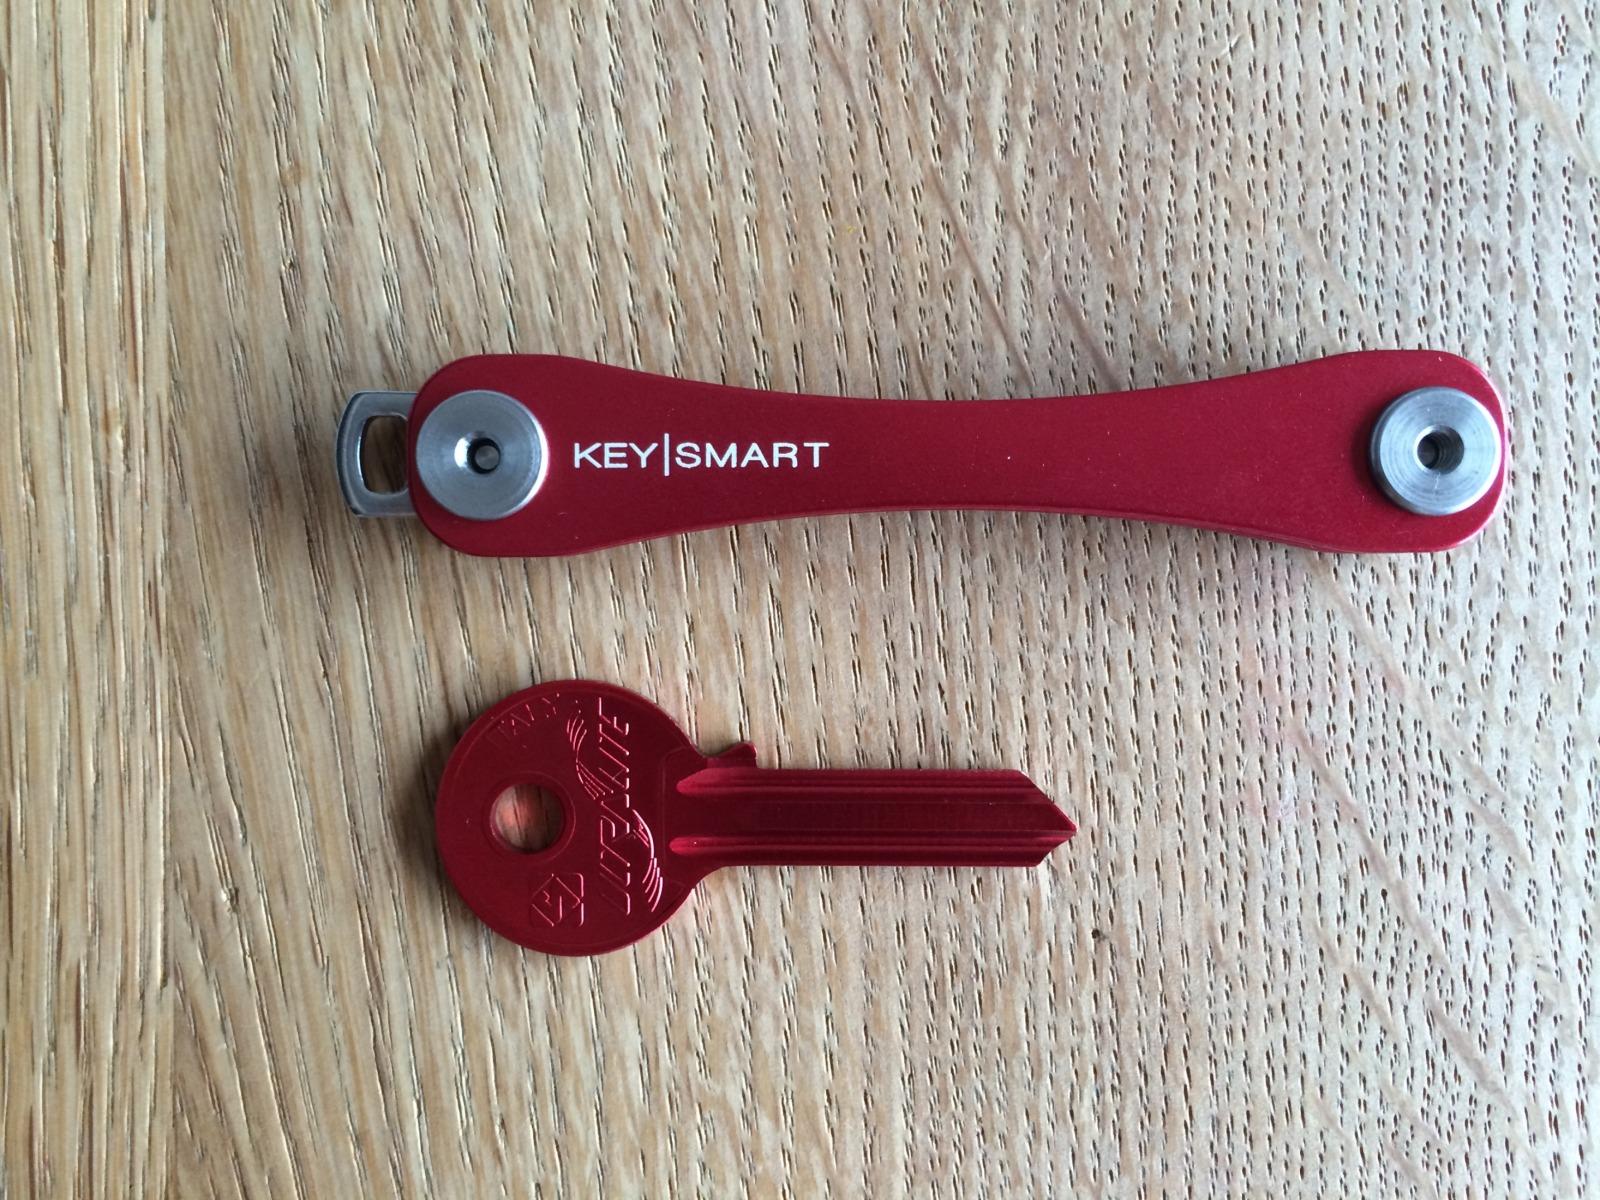 Ultralite-Ersatzschlüssel für den Keysmart 3